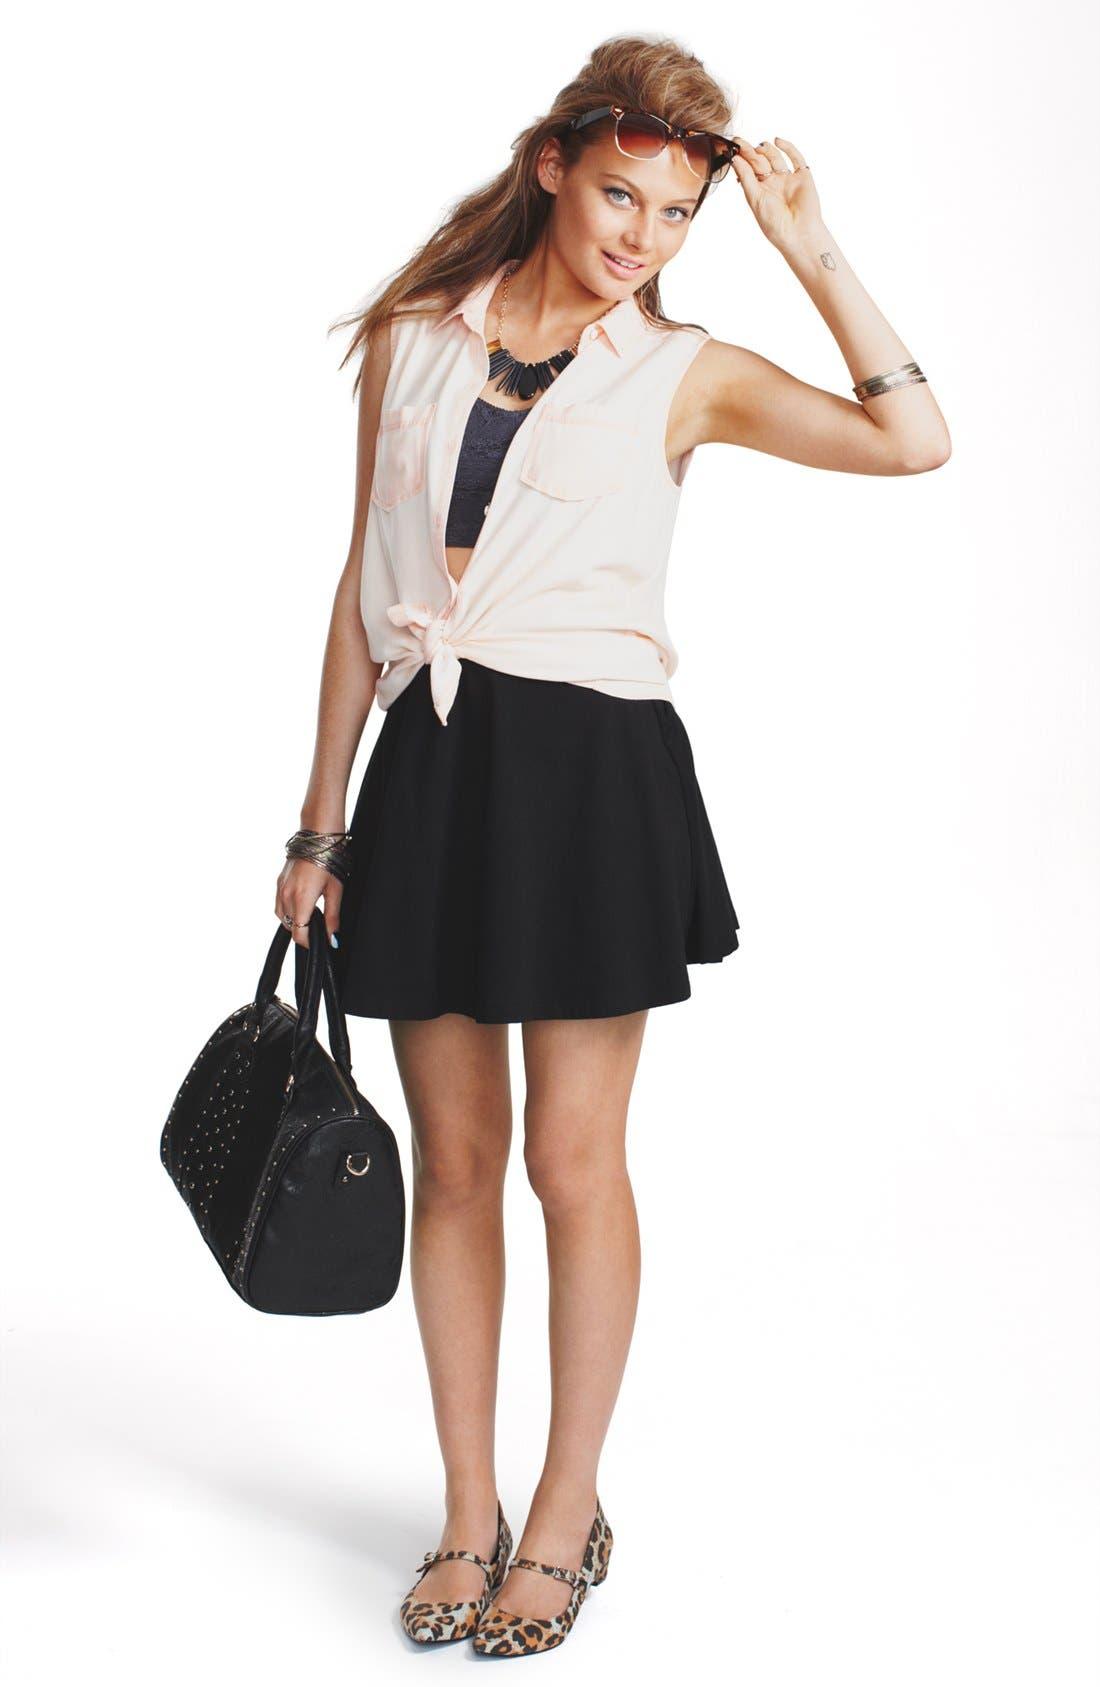 Alternate Image 1 Selected - Rubbish® Shirt, Frenchi® Bralette & Lily White Skater Skirt